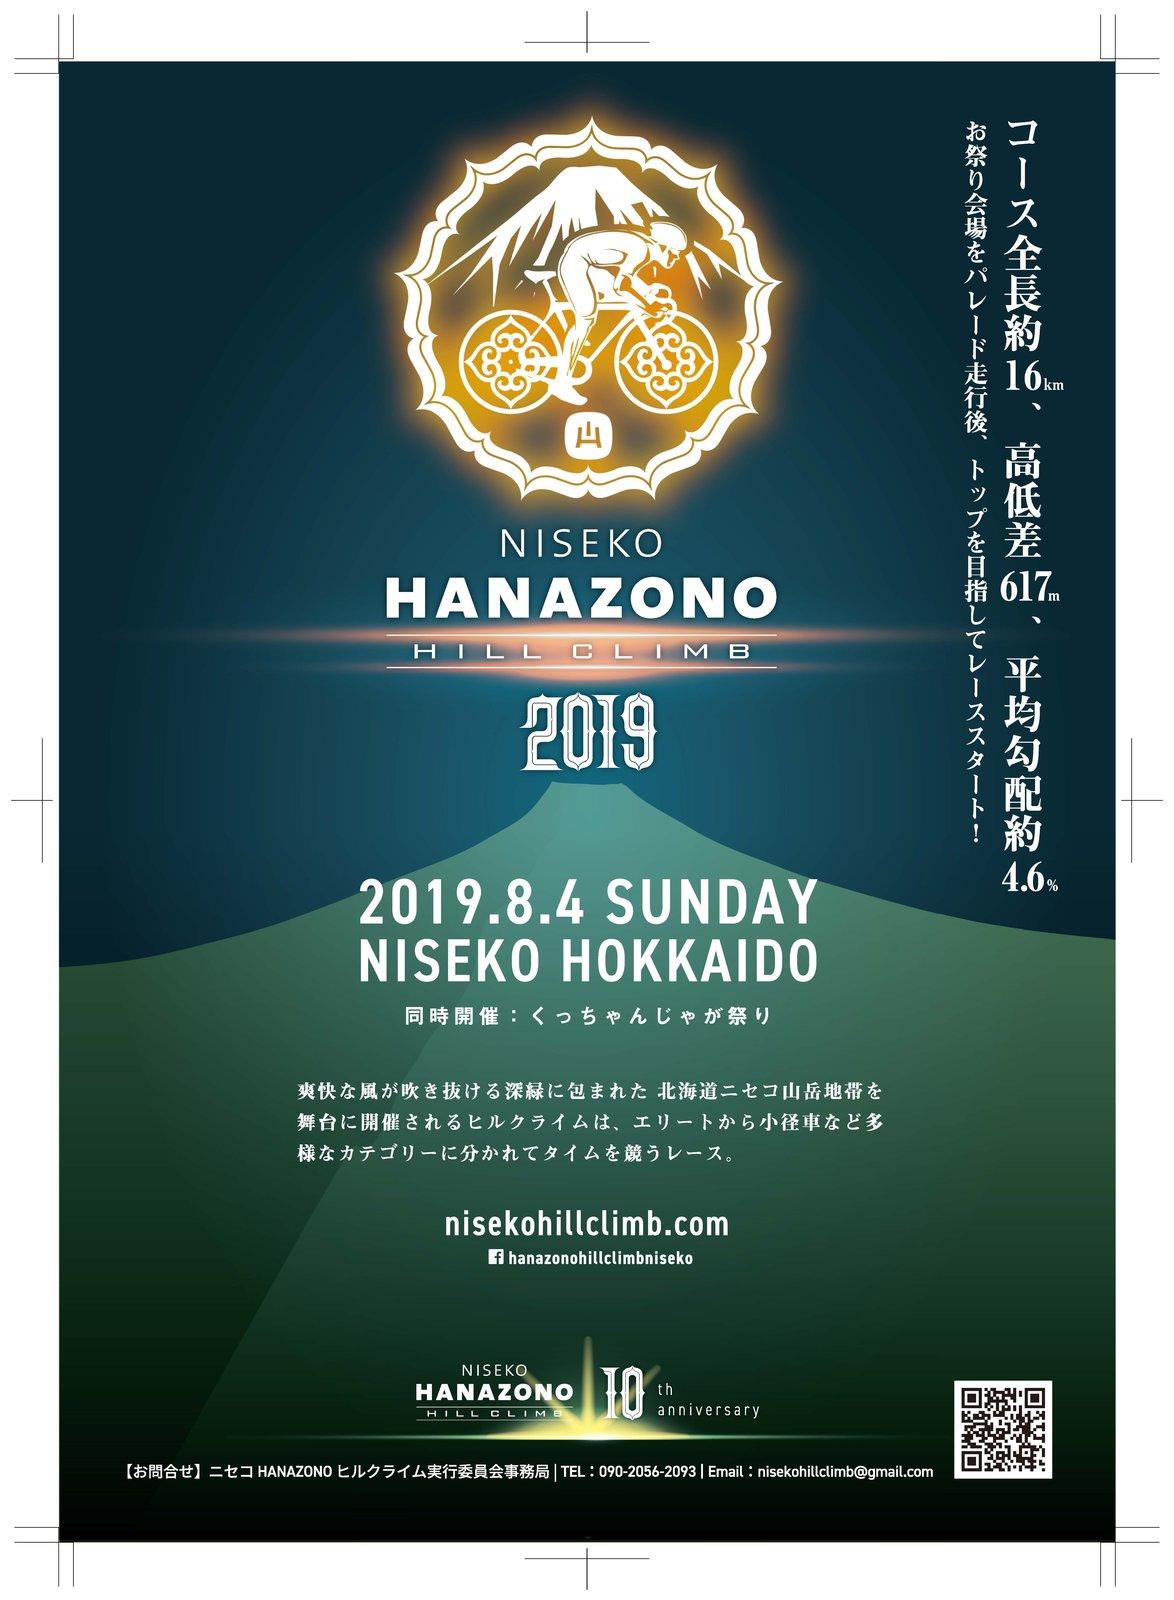 hanazono hill climb 2019